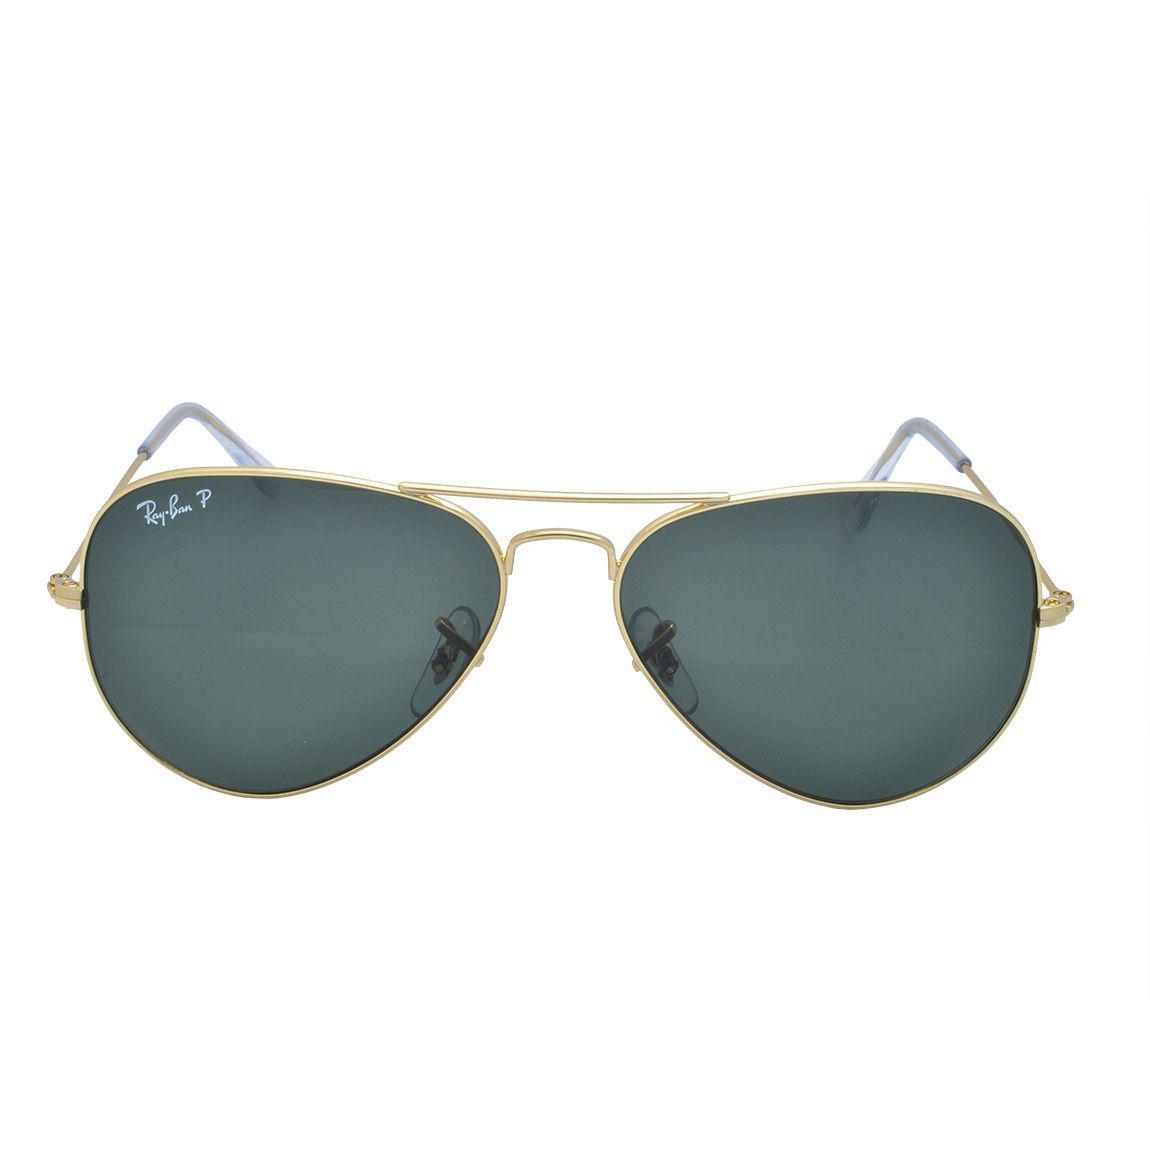 Óculos de Sol Ray Ban Feminino Aviador Polarizado RB3025L 001 58 - Metal  Dourado R  635 1f7c28cfb7833